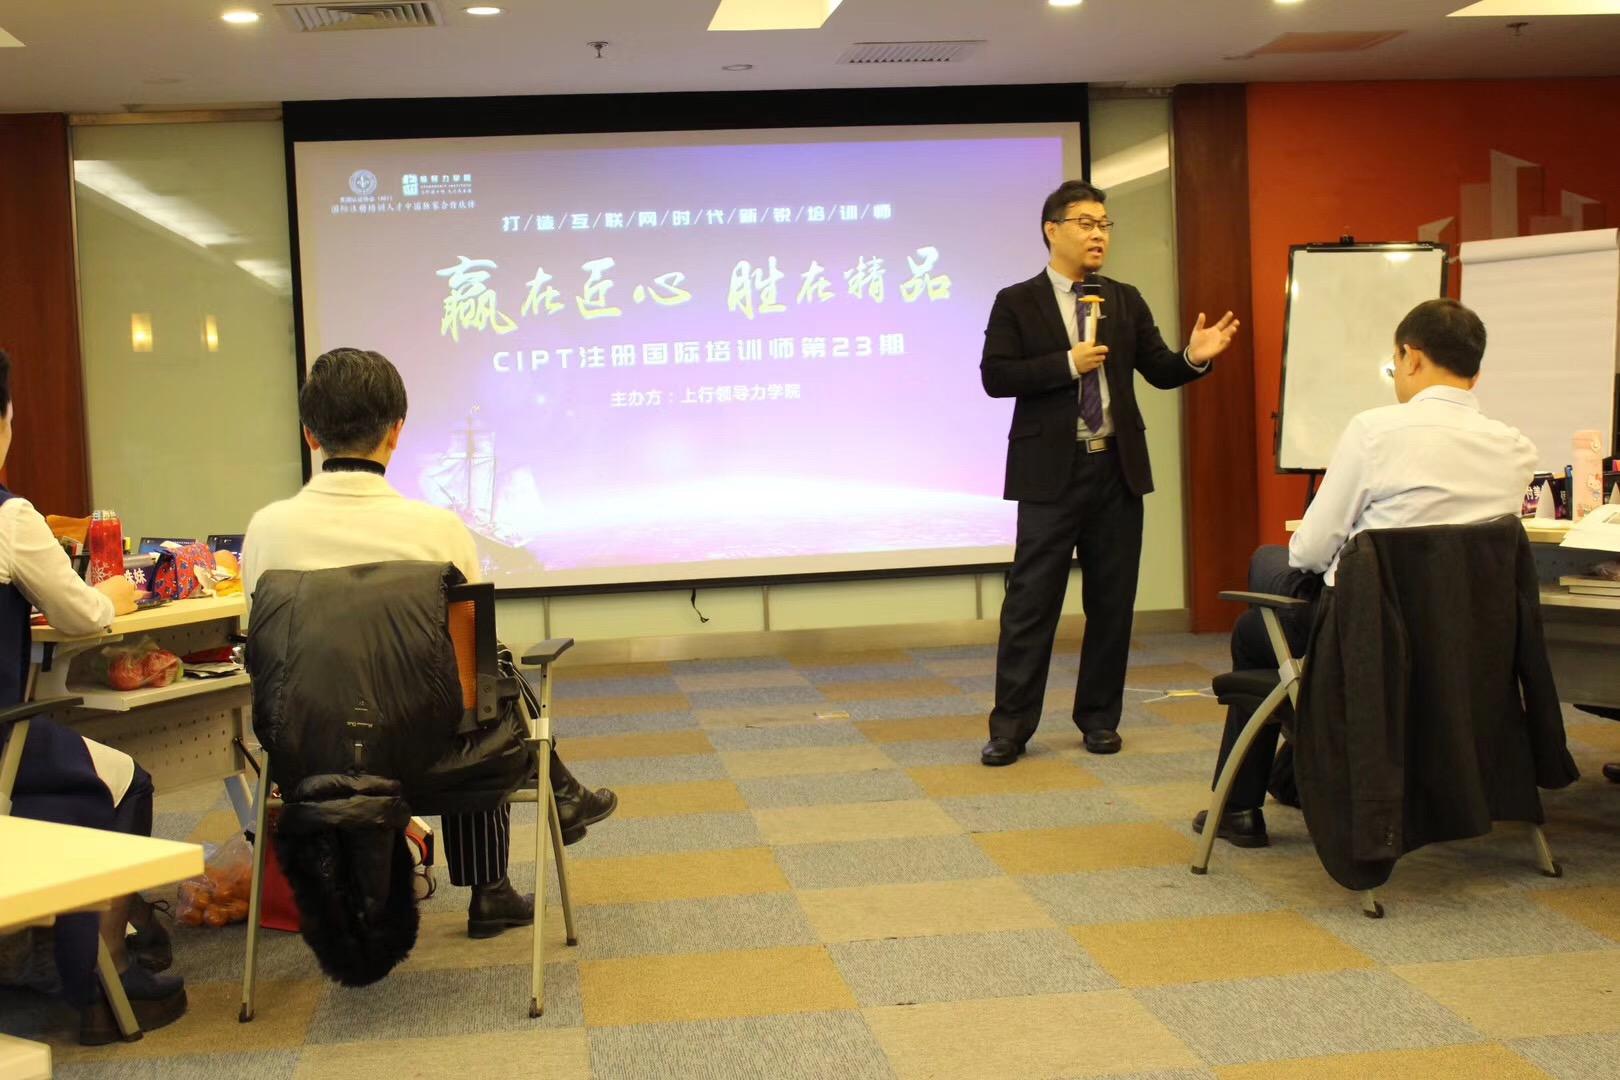 CIPT注册国际职业培训师第二十三期 培训师邱伟